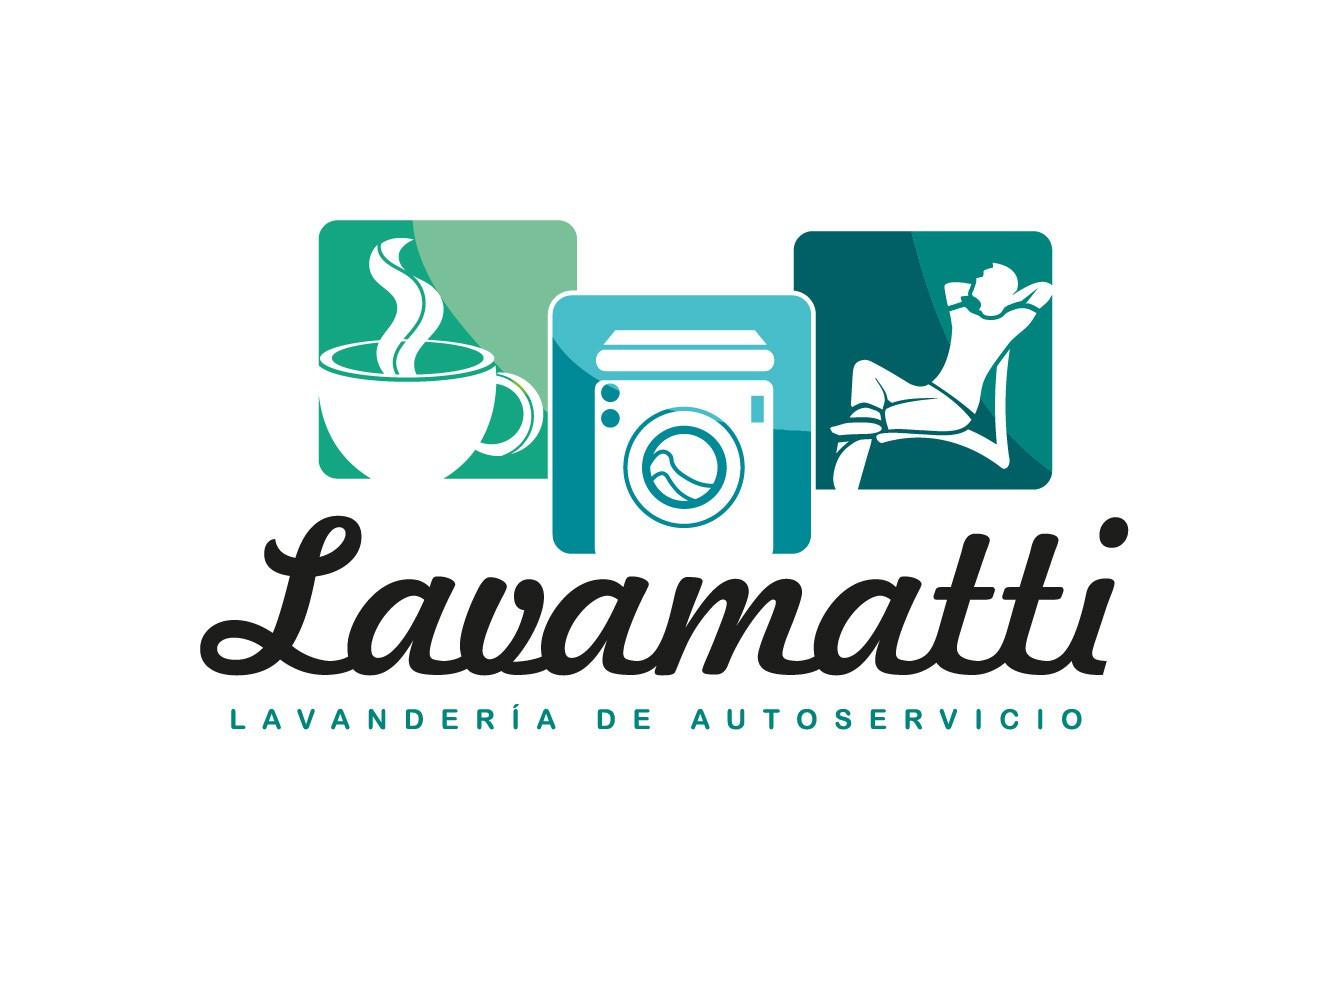 Crea la marca de la mejor cadena de Lavanderías de Autoservicio del país!!